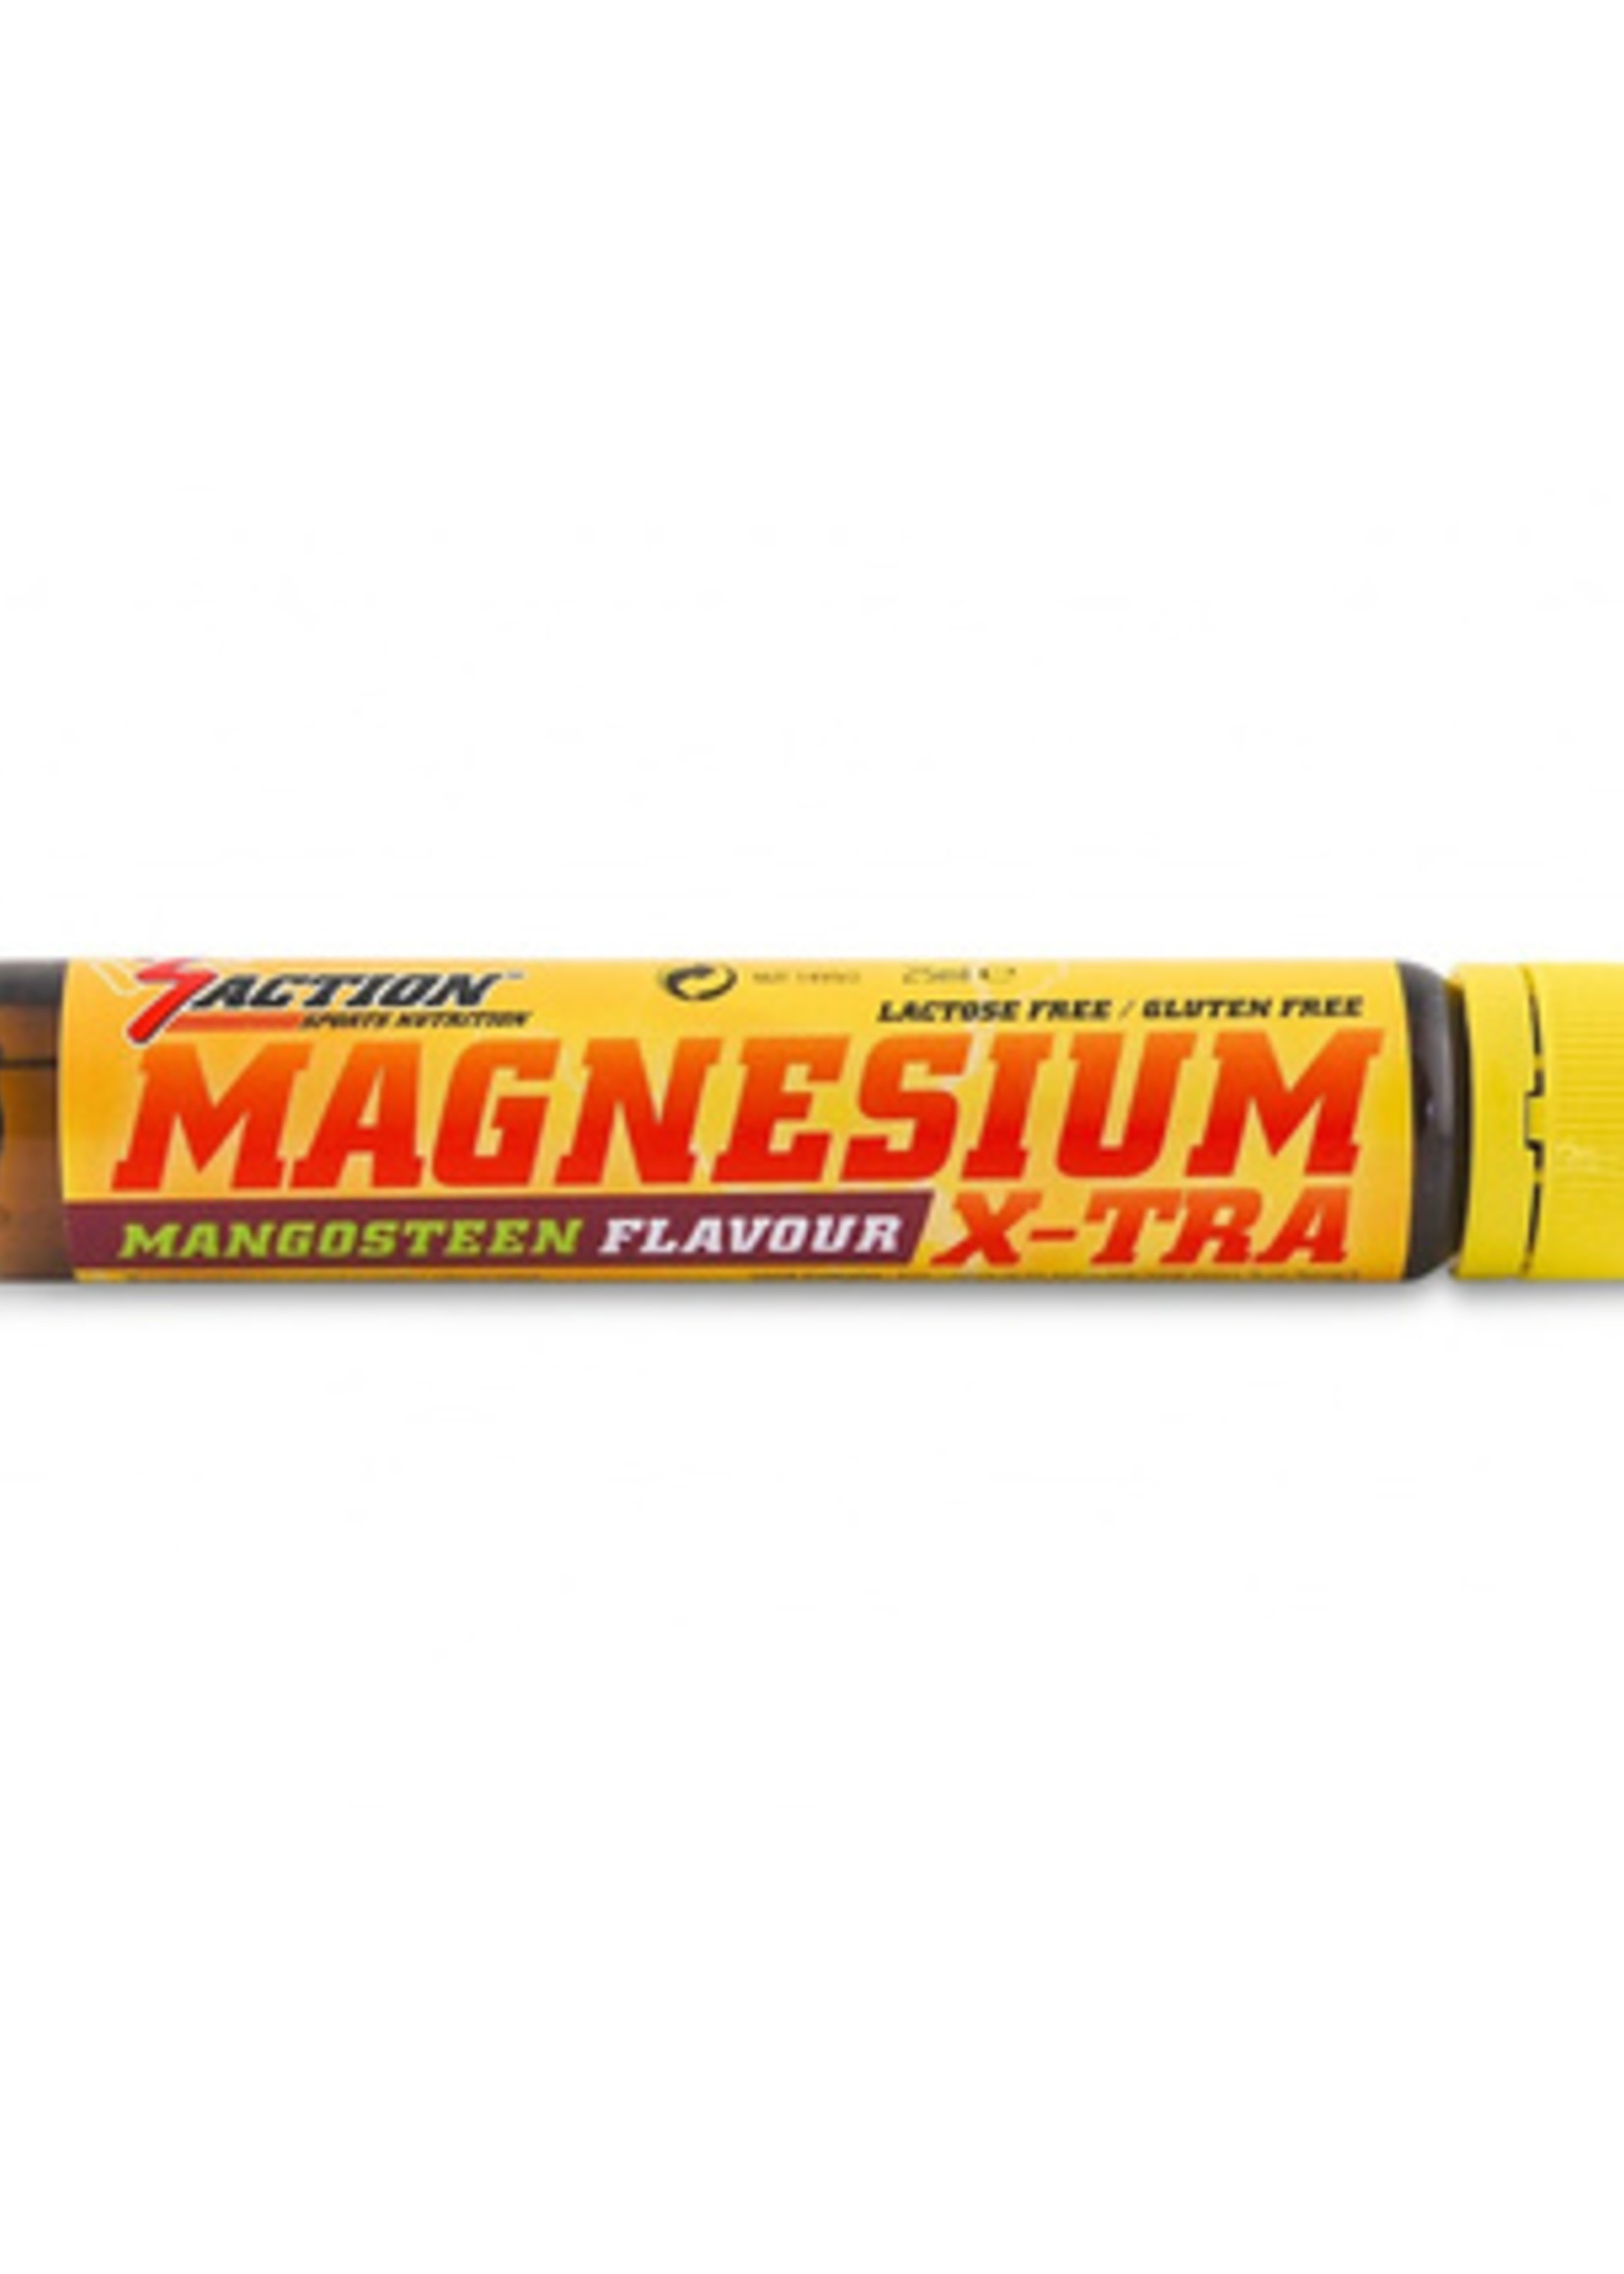 3Action 'Magnesium'